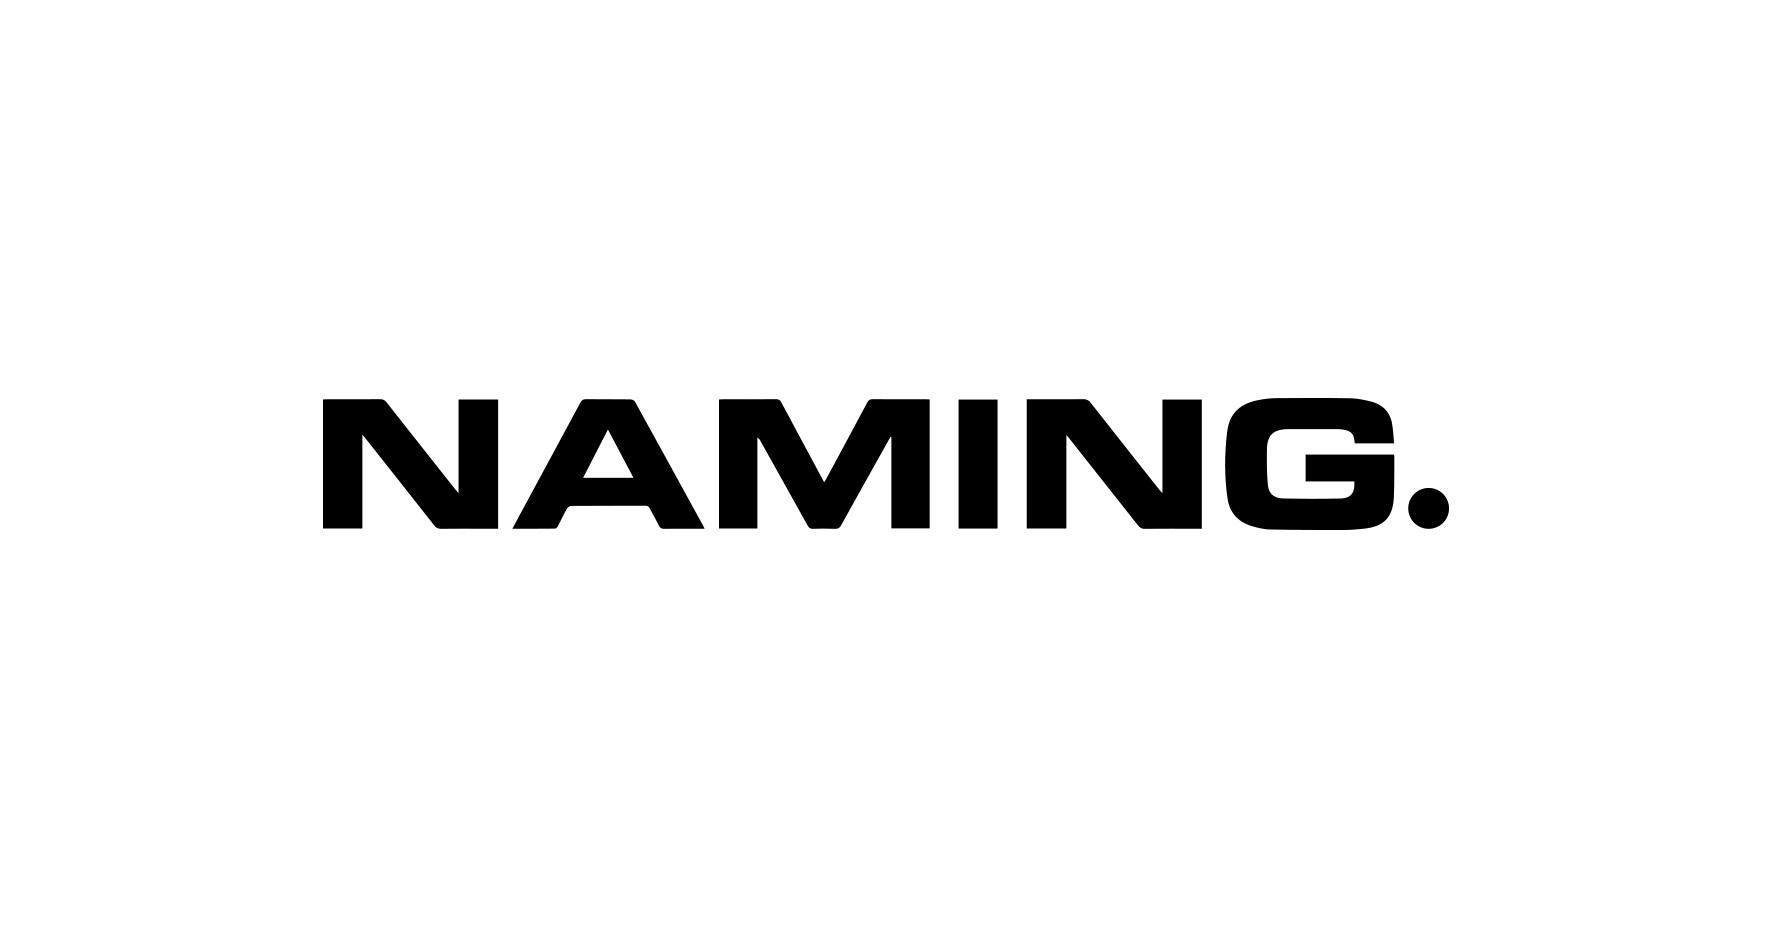 Именной нейминг: имя в имени